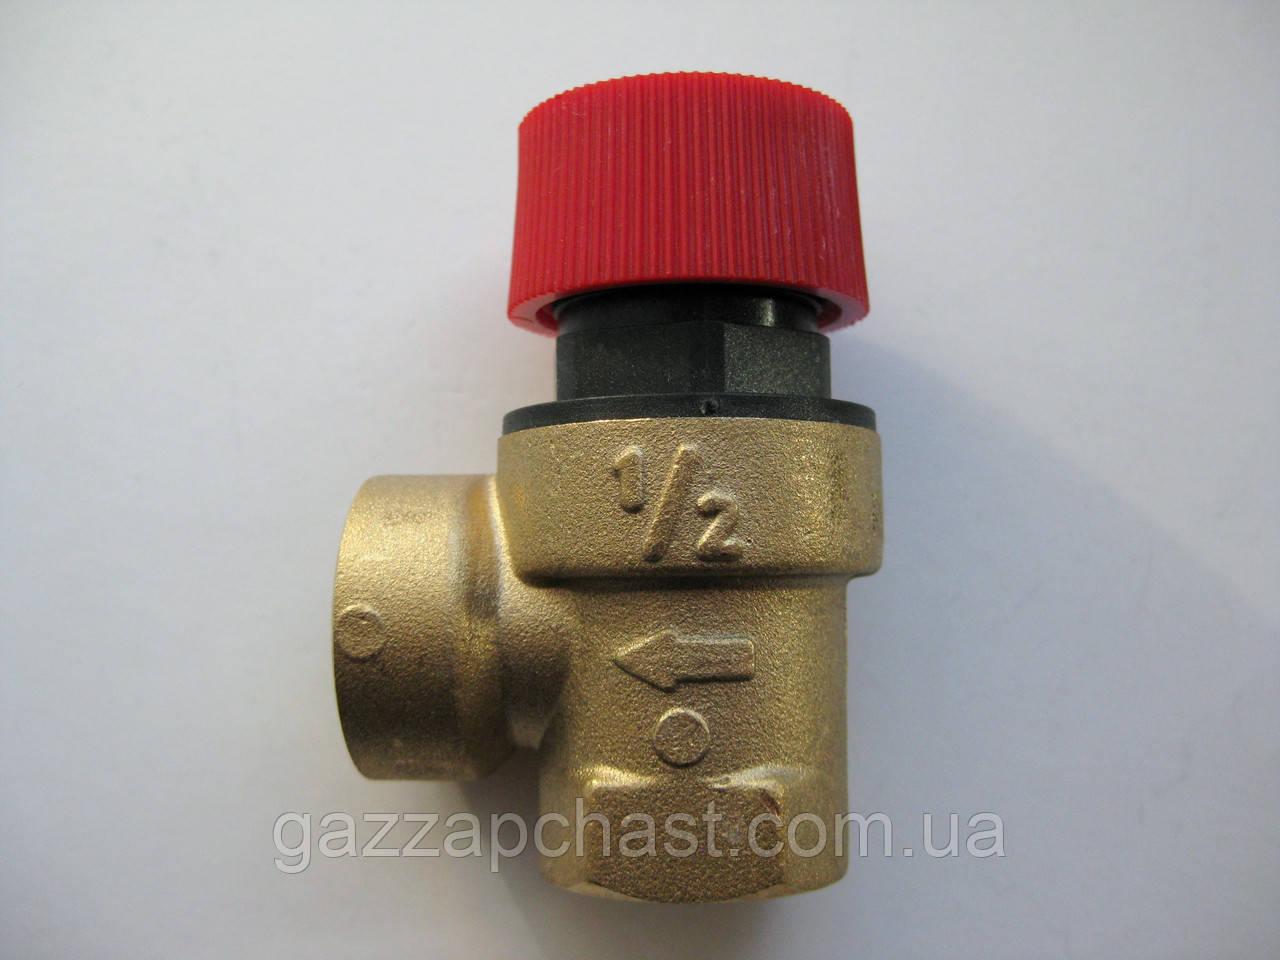 Запобіжний клапан на 3 бари G1/2 для котлів і систем опалення (0044)